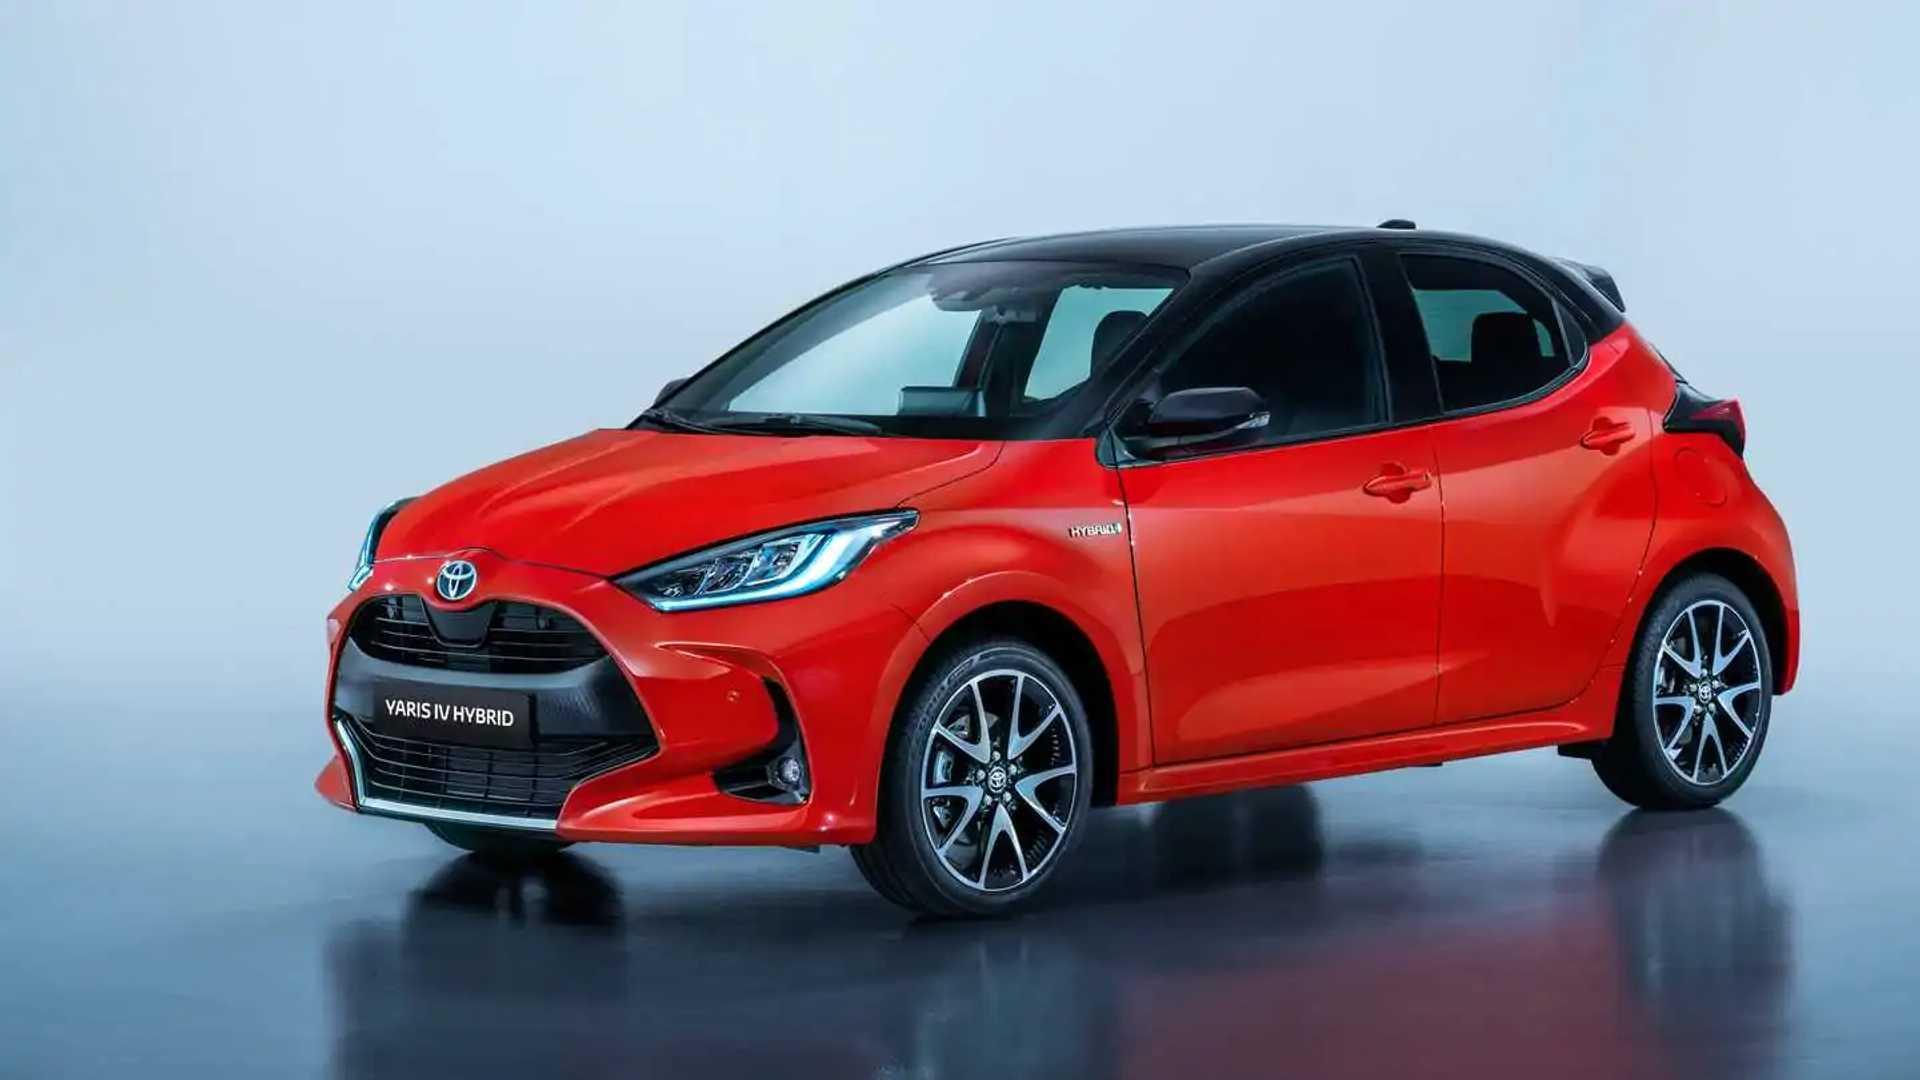 Kelebihan Mobil Yaris 2019 Perbandingan Harga